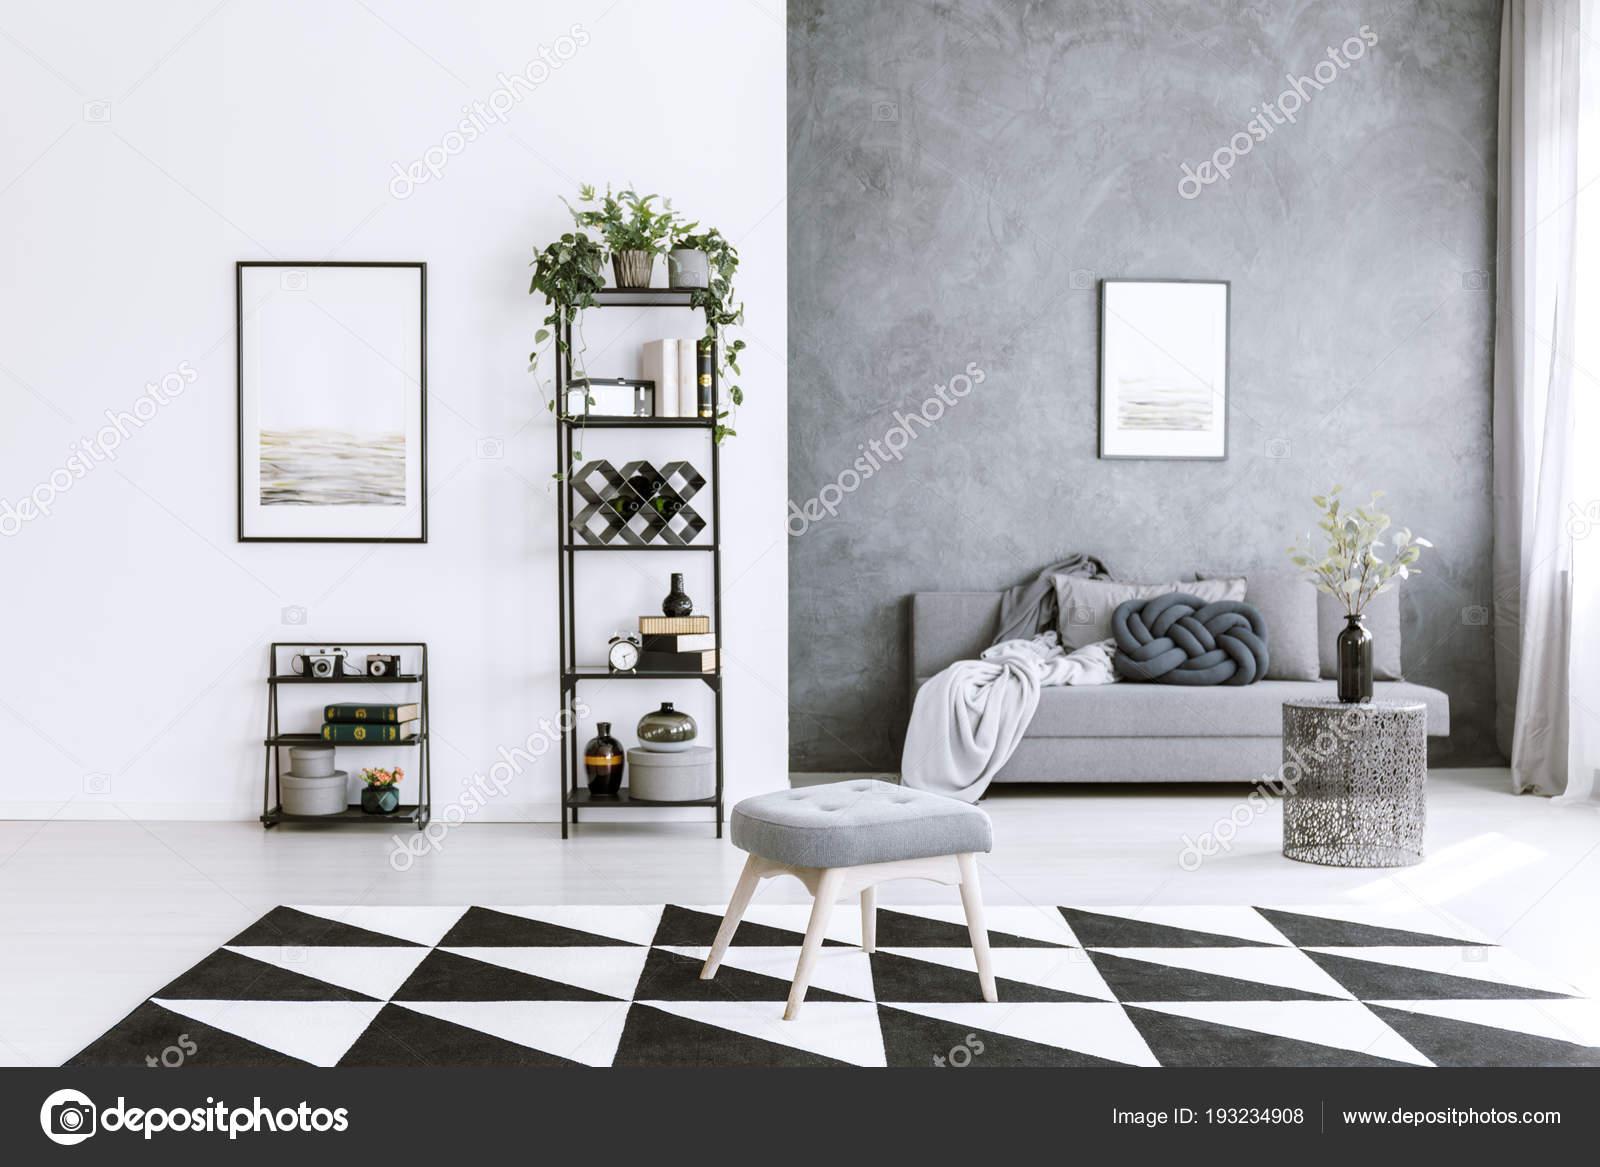 Tapijt In Woonkamer : Grijs woonkamer interieur met asymmetrische tapijt metalen kast